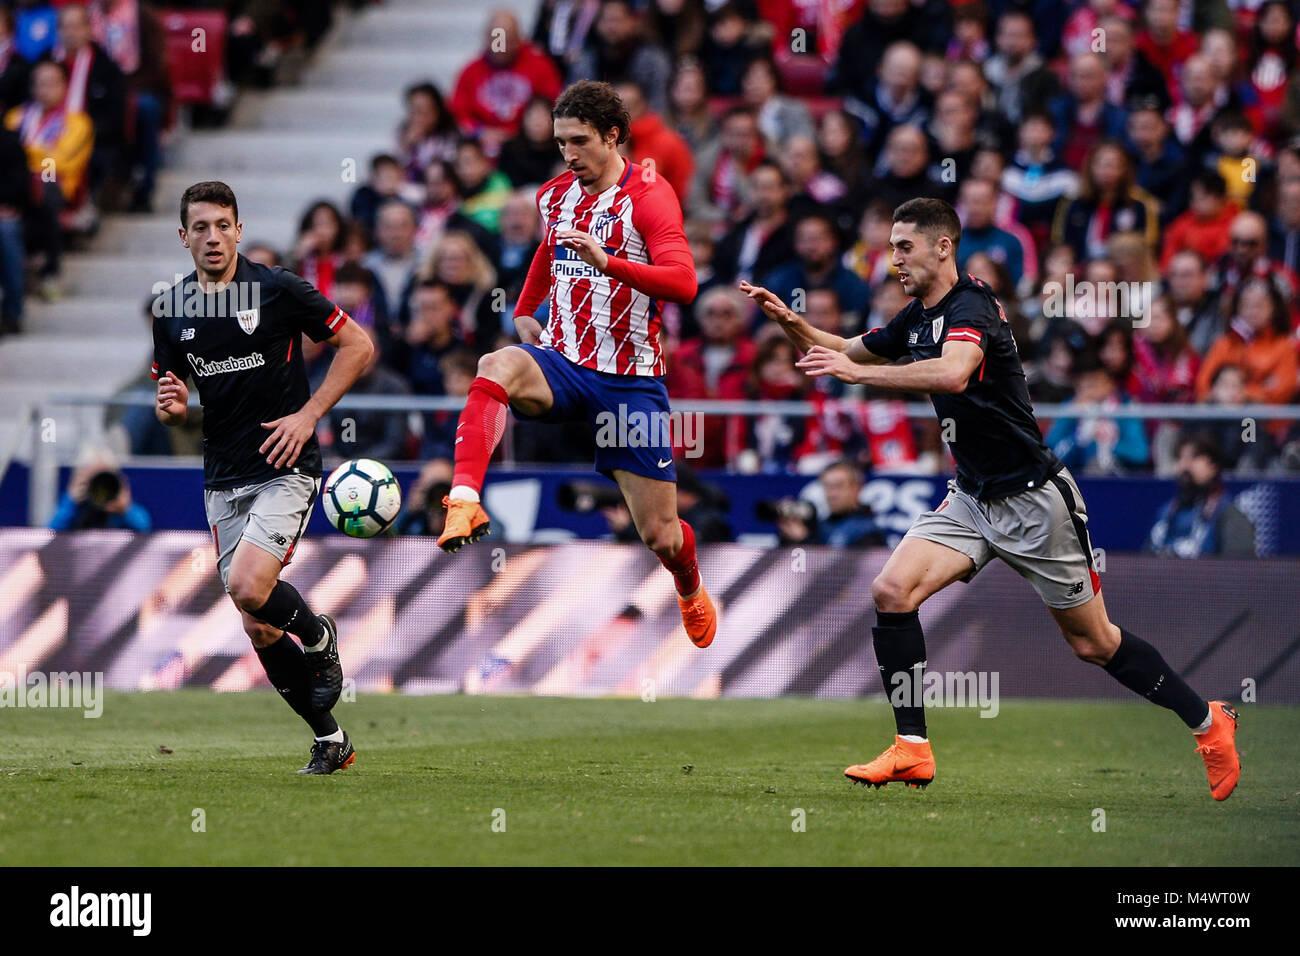 bc56ca572b91b Sime Vrsaljko (Atlético de Madrid) controla el balón La Liga partido entre  el Atlético